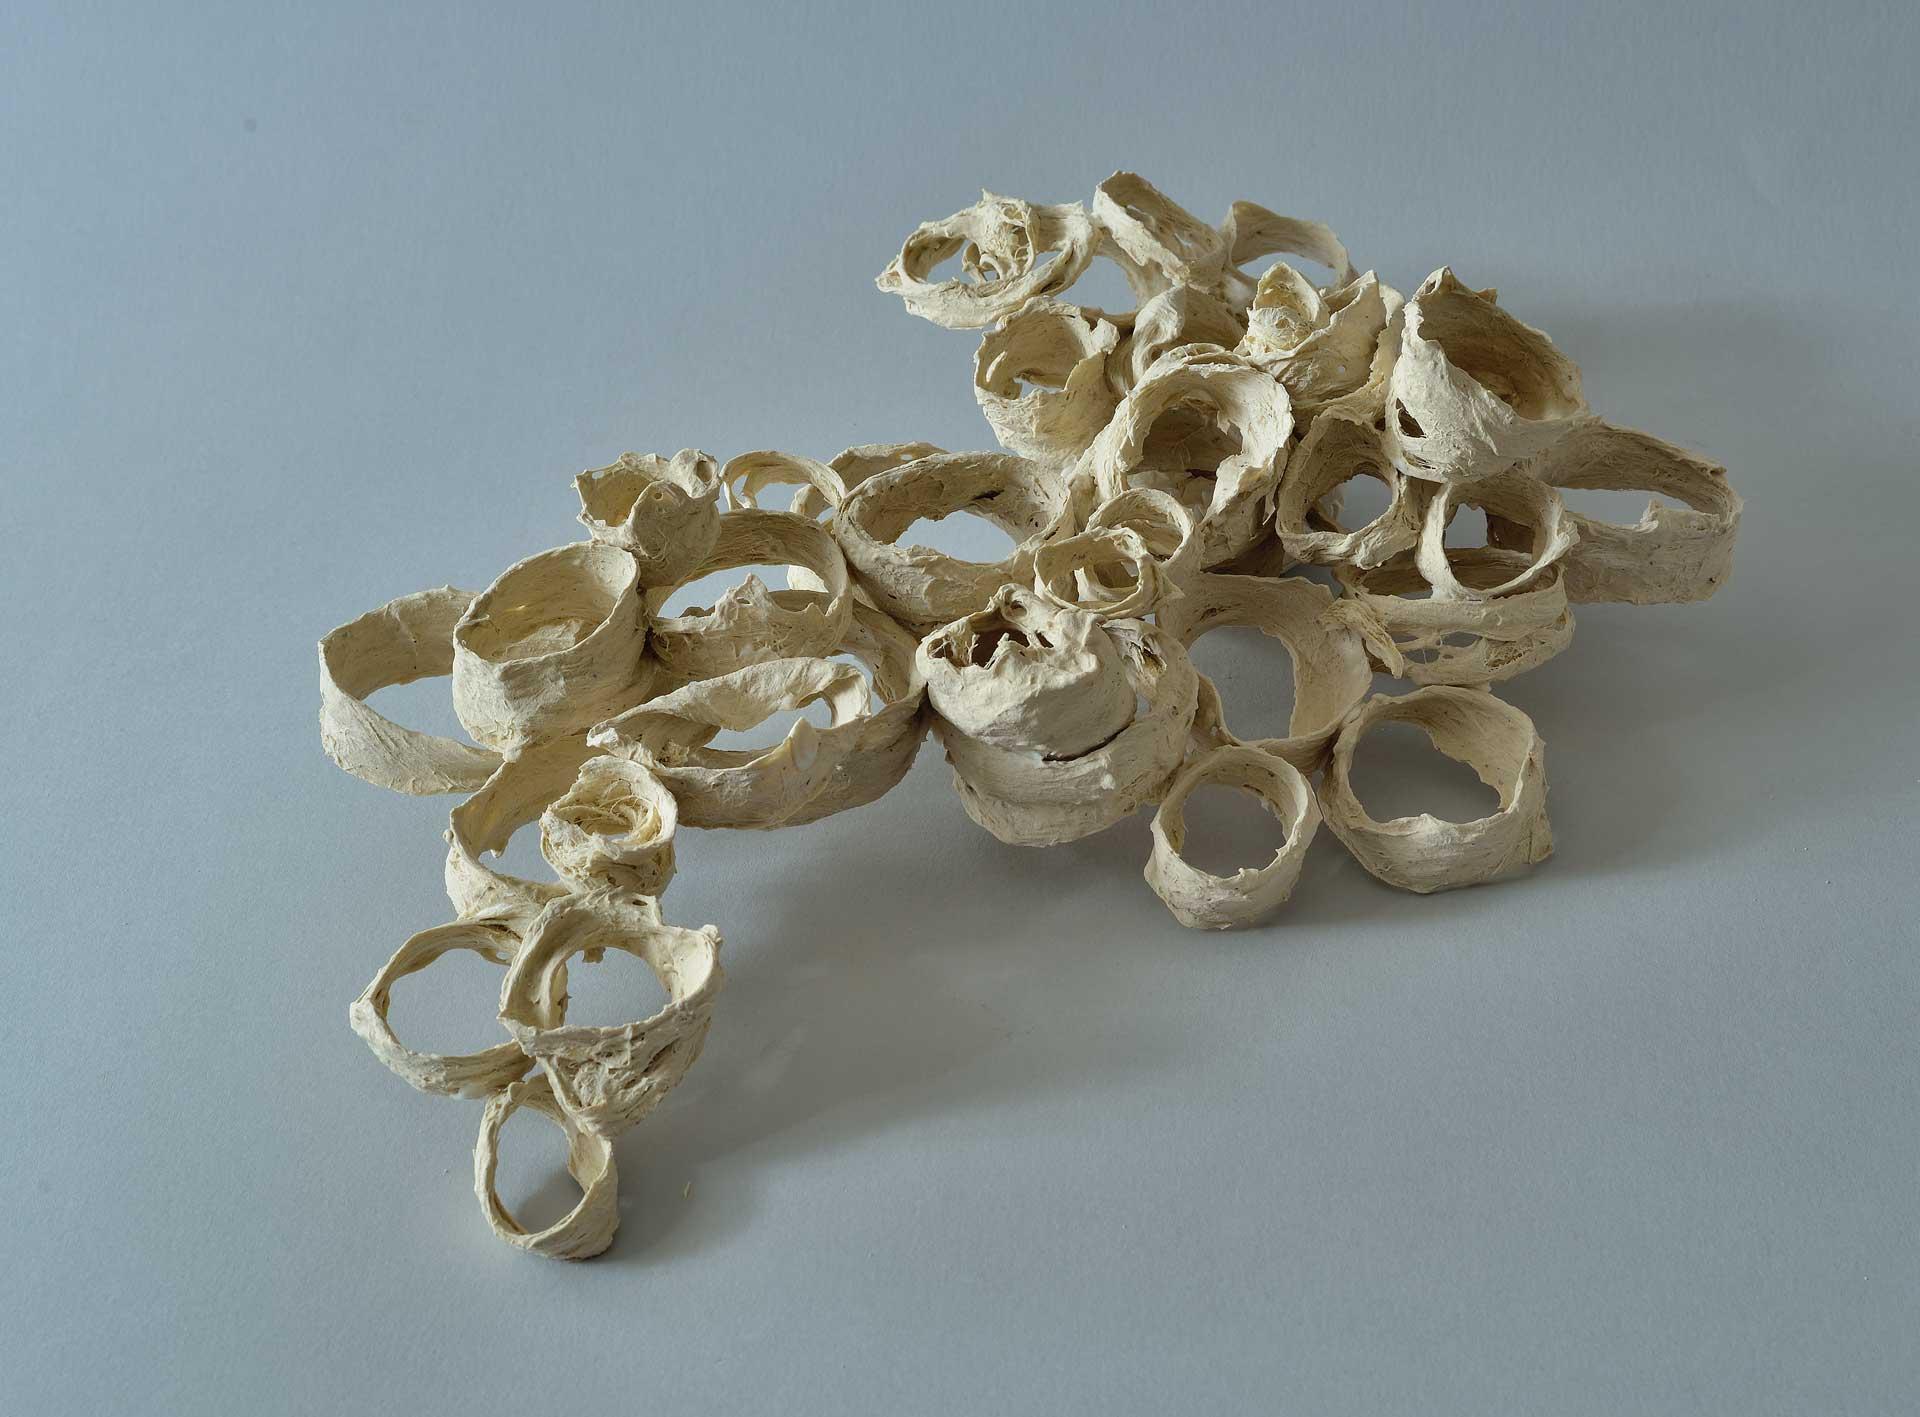 tracce - fibre vegetali e porcellana - 2012